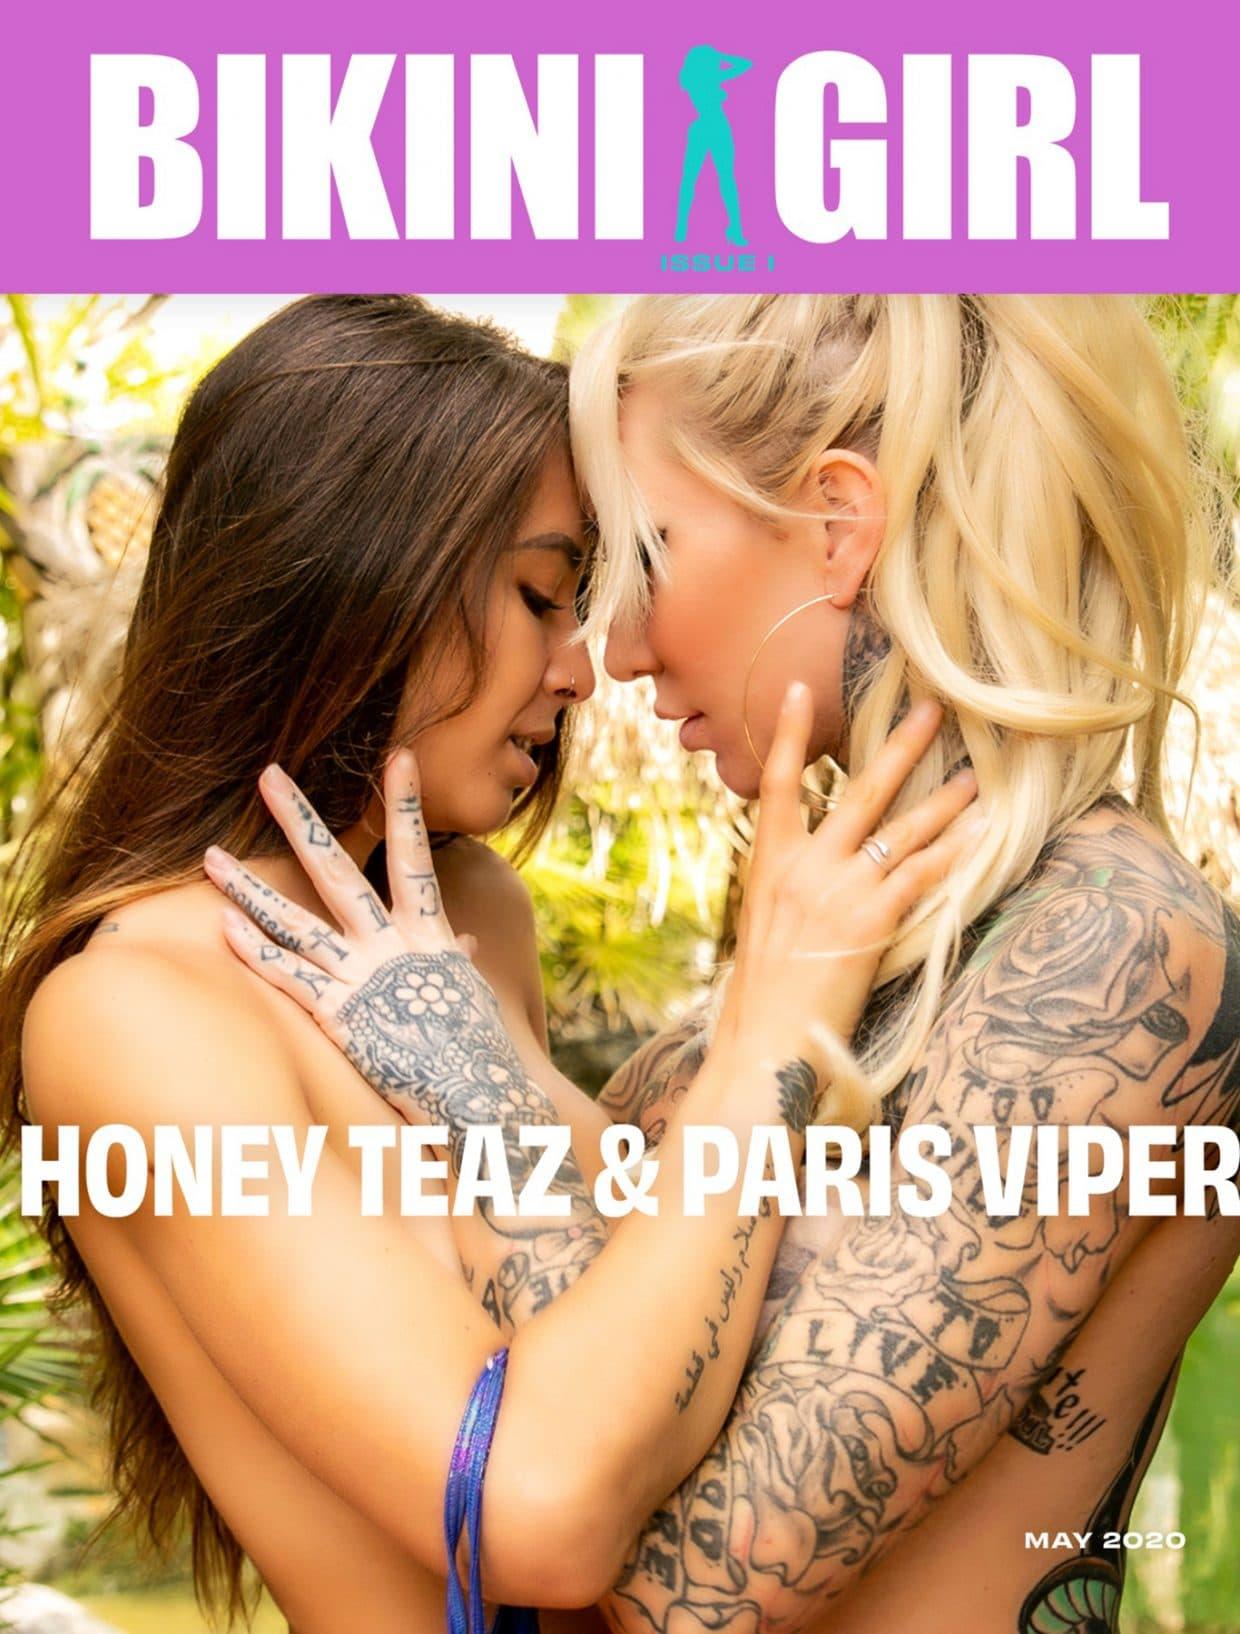 Bikini Girl - May 2020 - Paris Viper & Honey Teaz 1